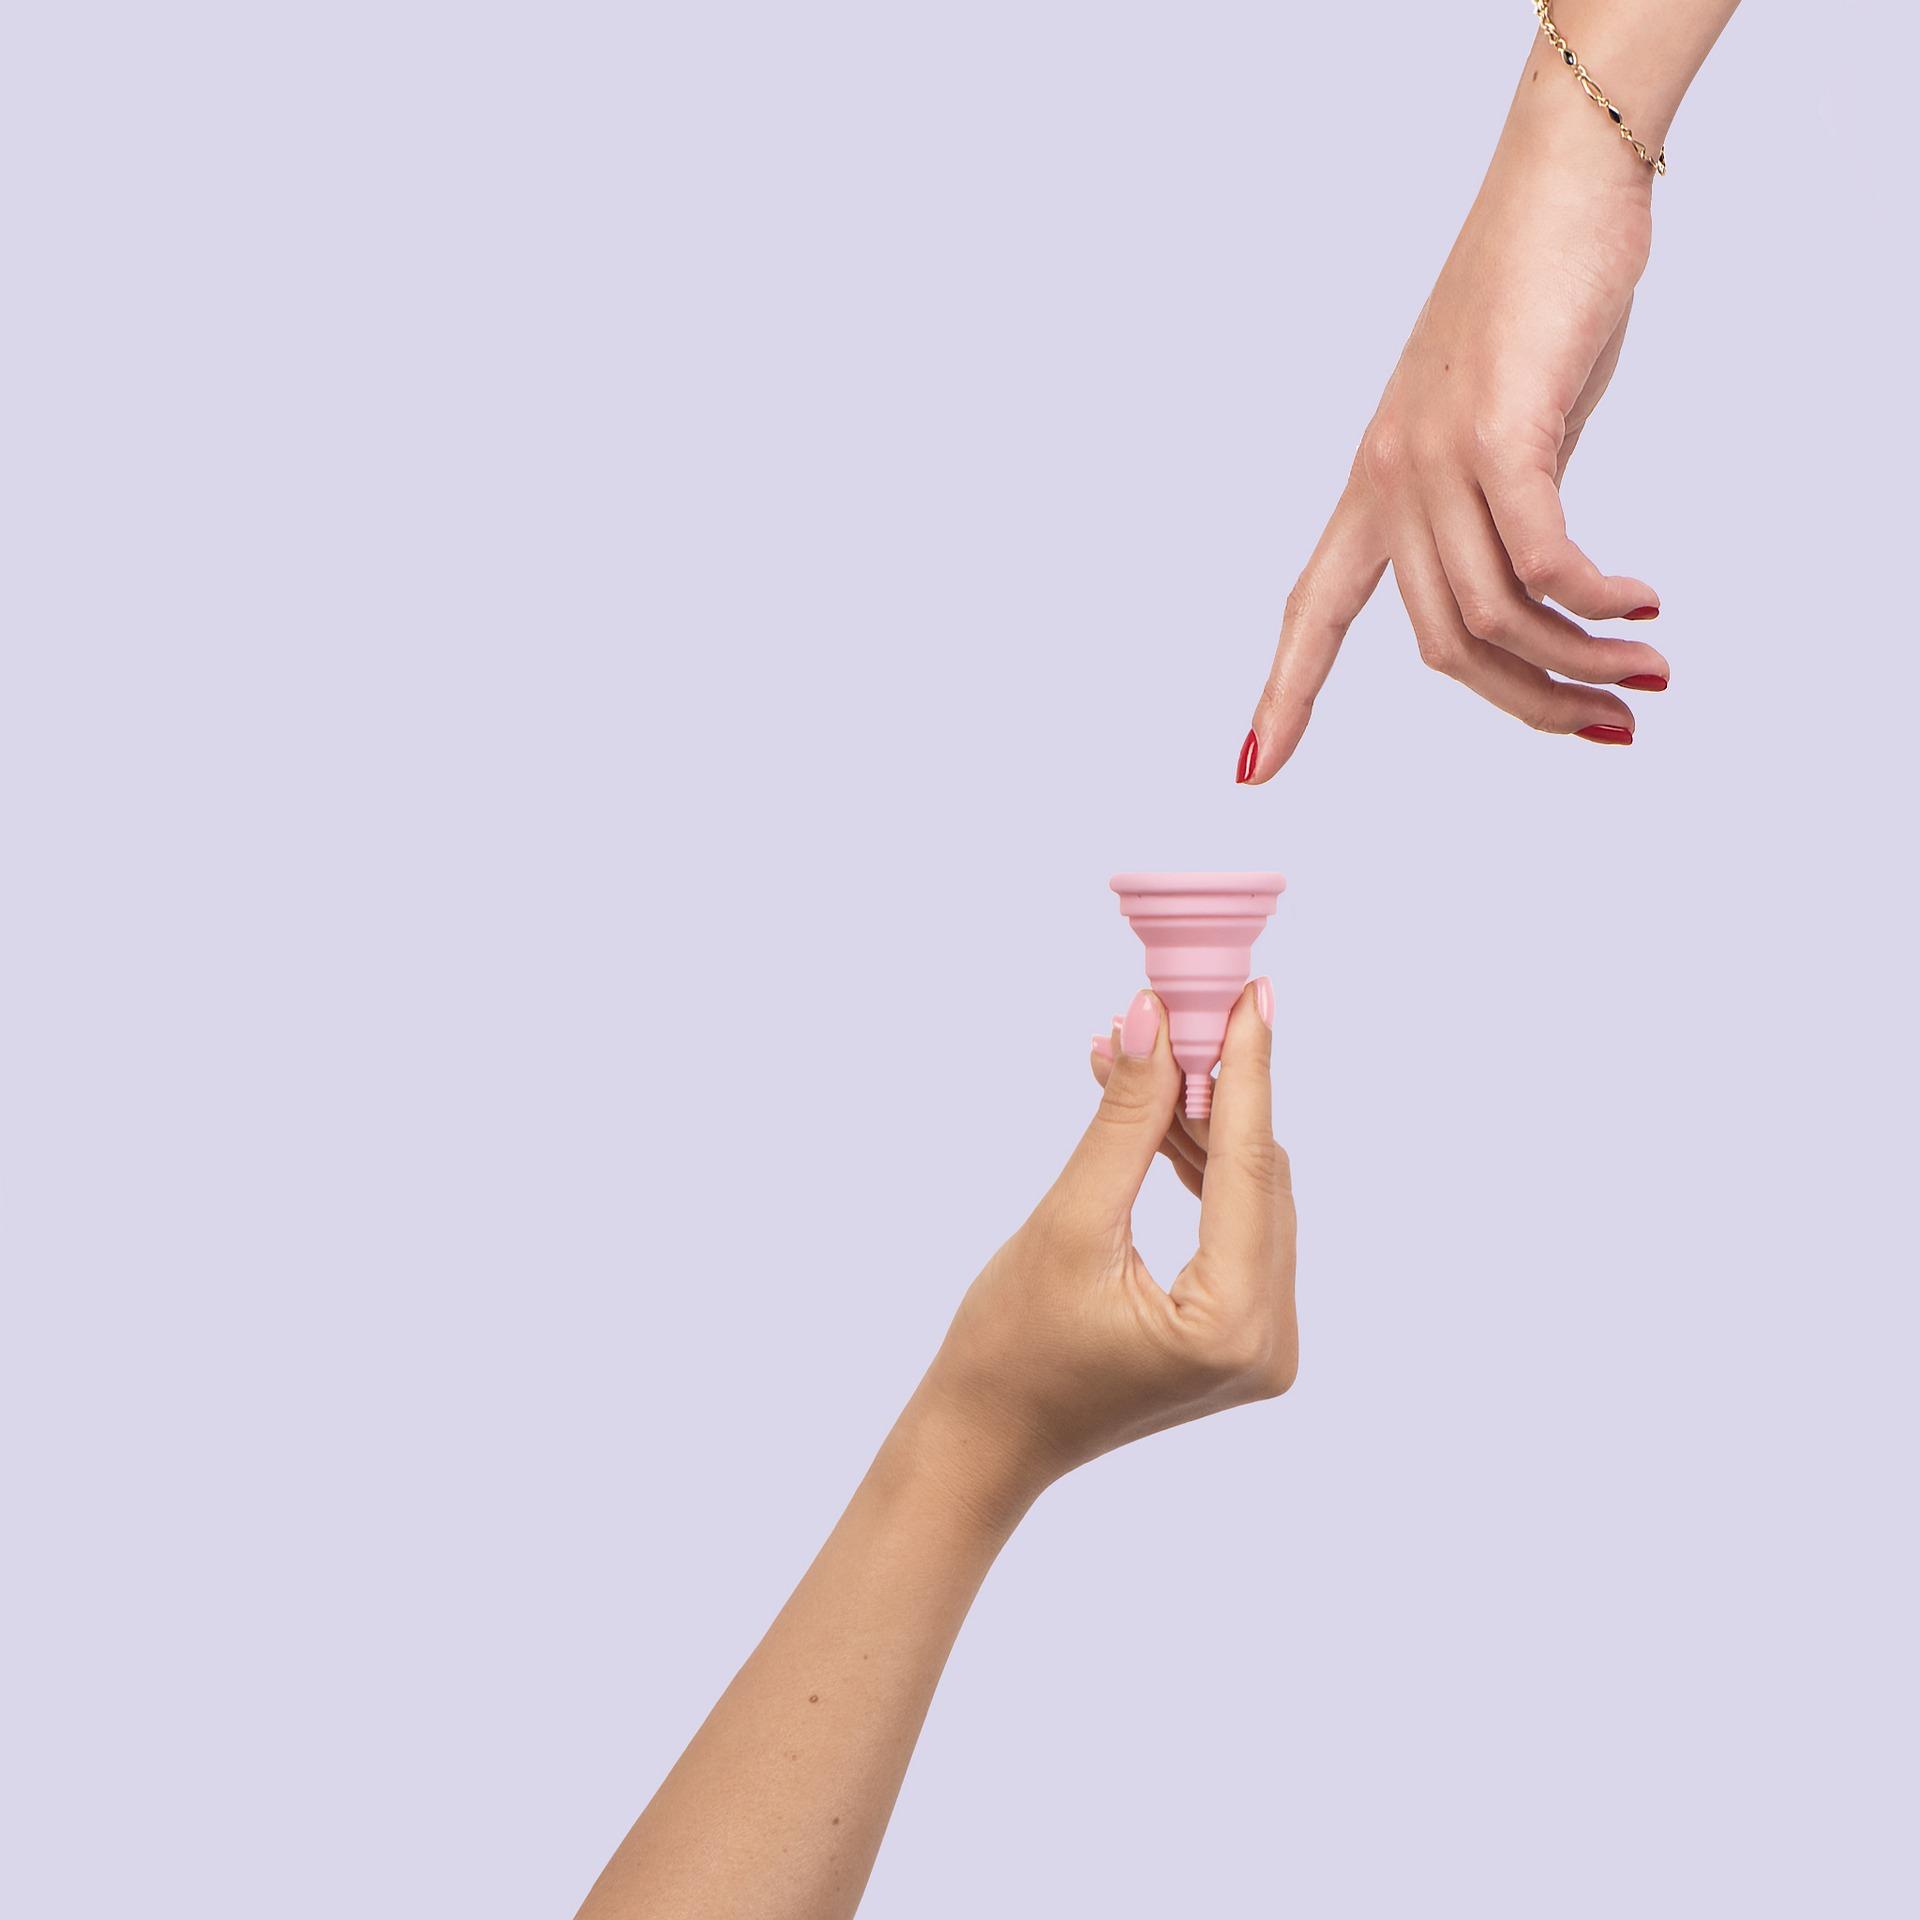 come parlare di mestruazioni